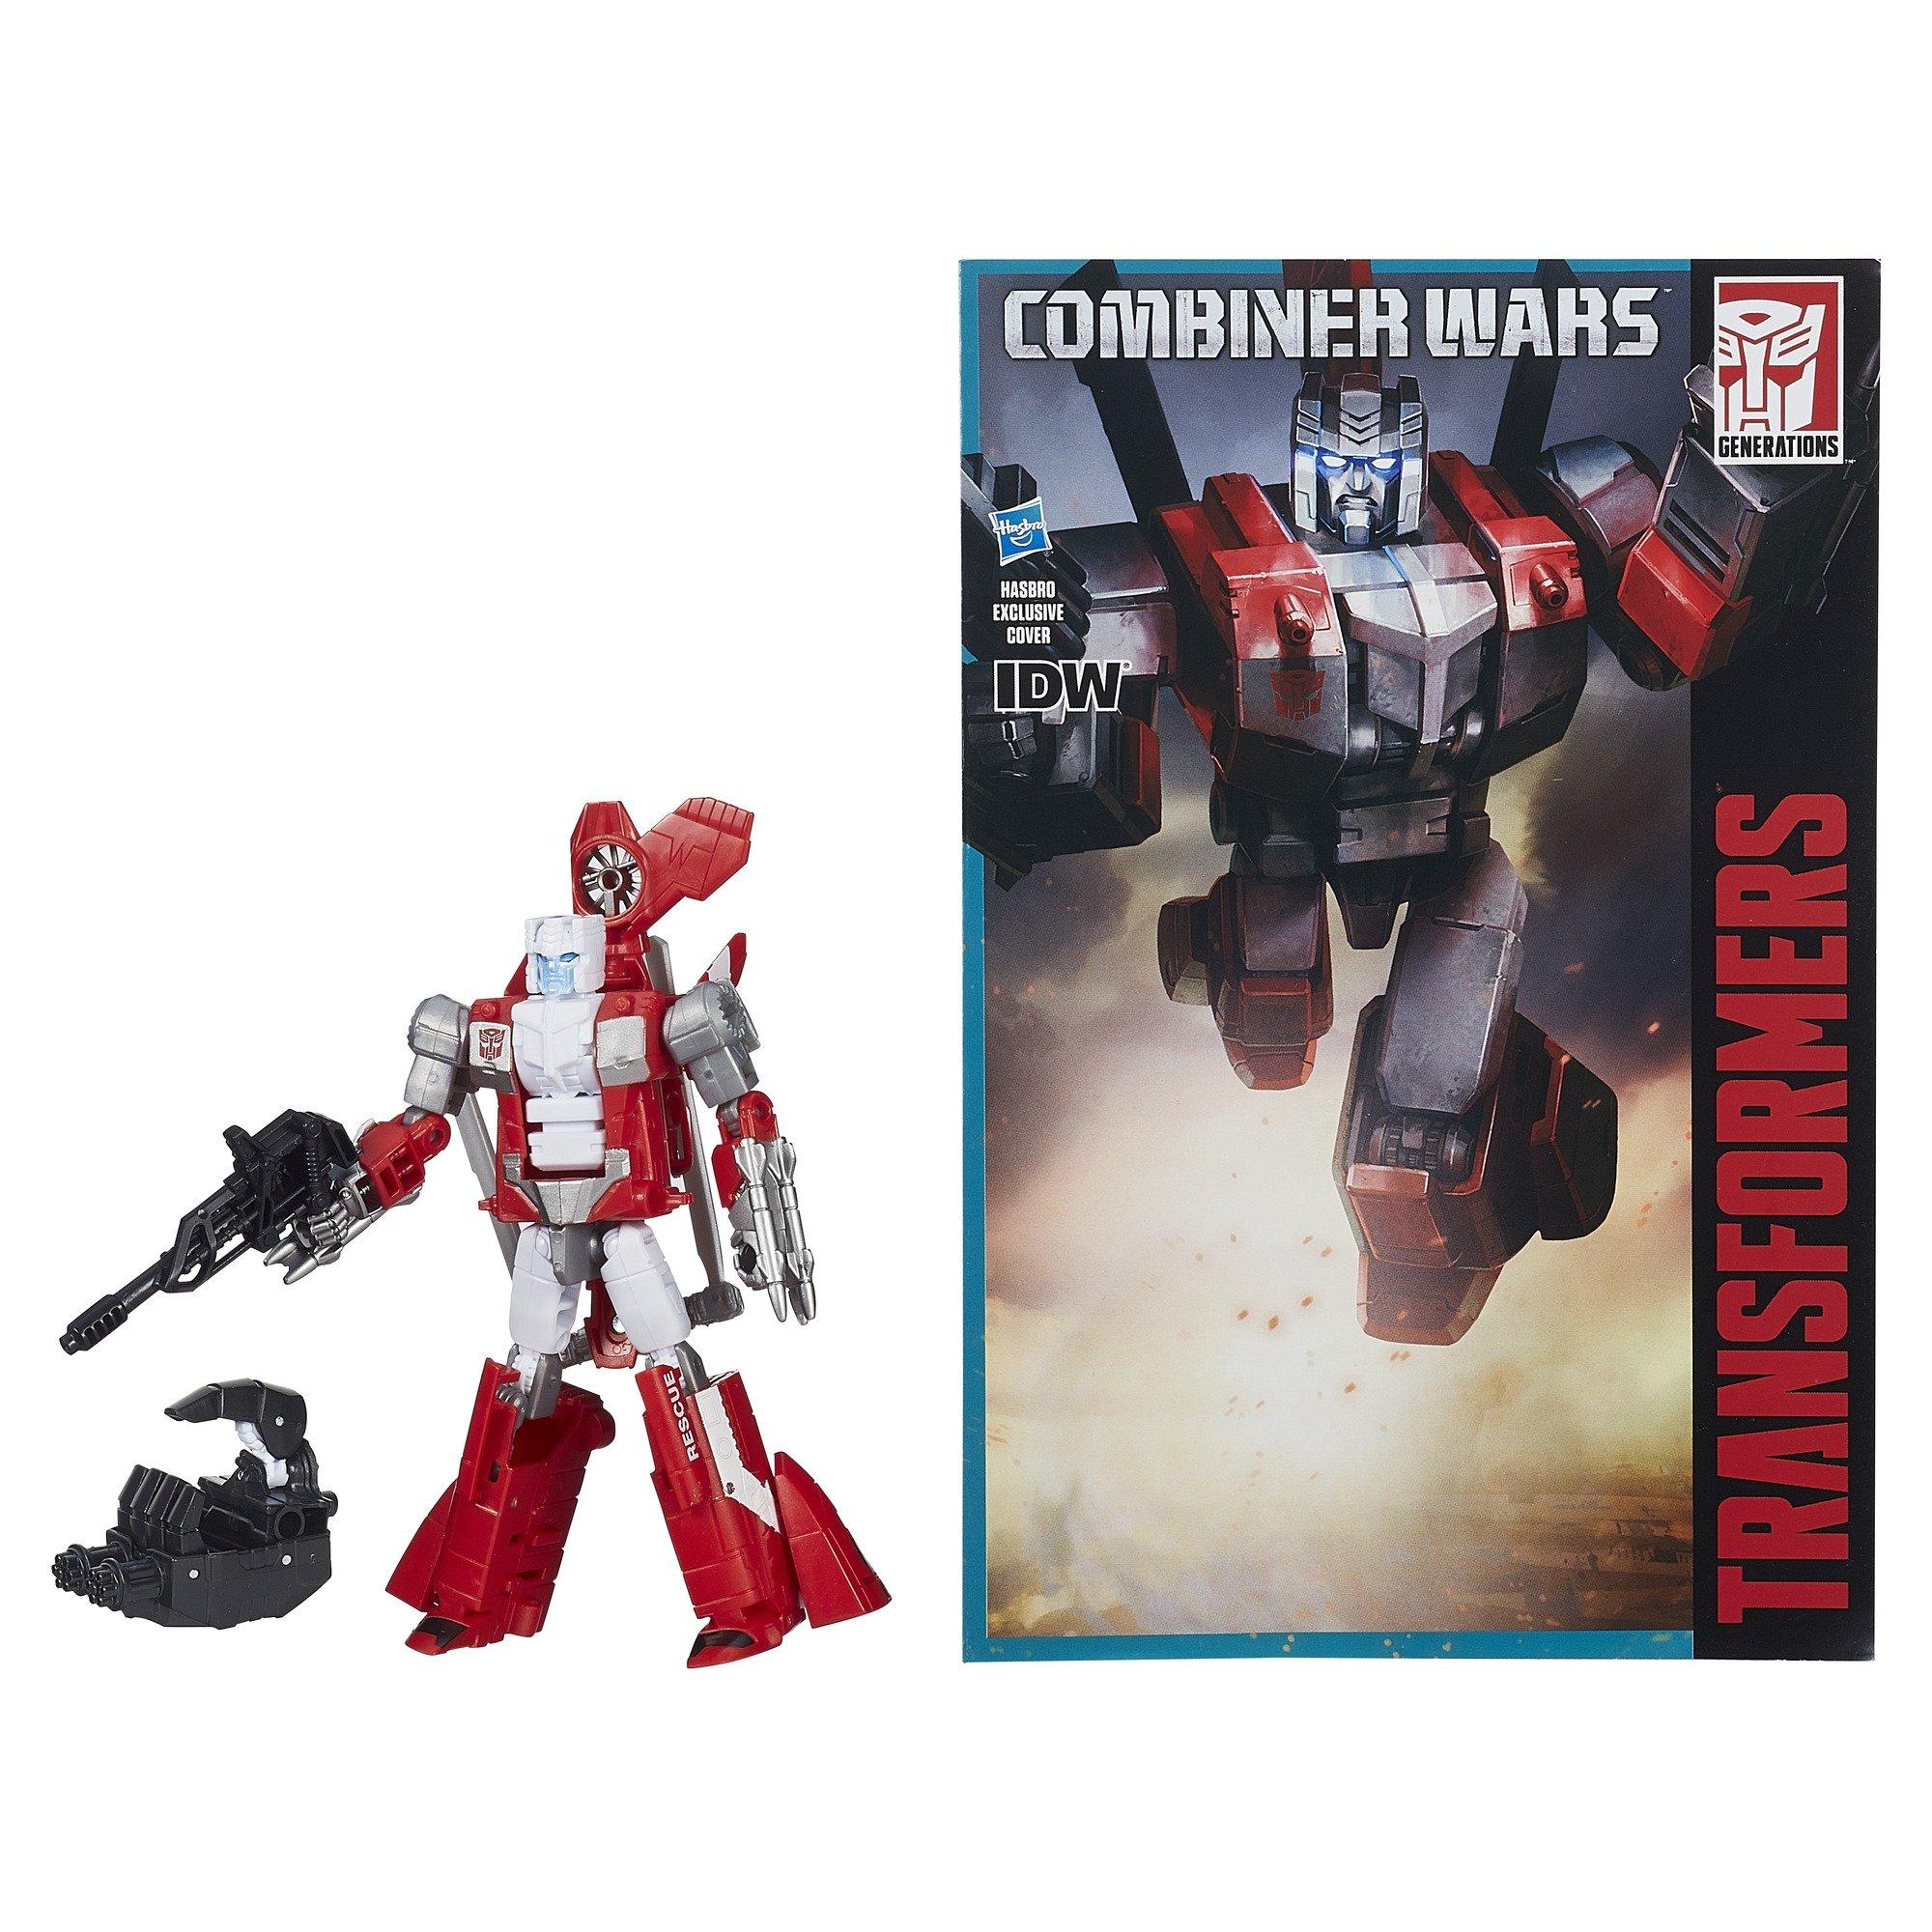 Transformers Generations Combiner Wars Deluxe Class Protectobot Blades Figure